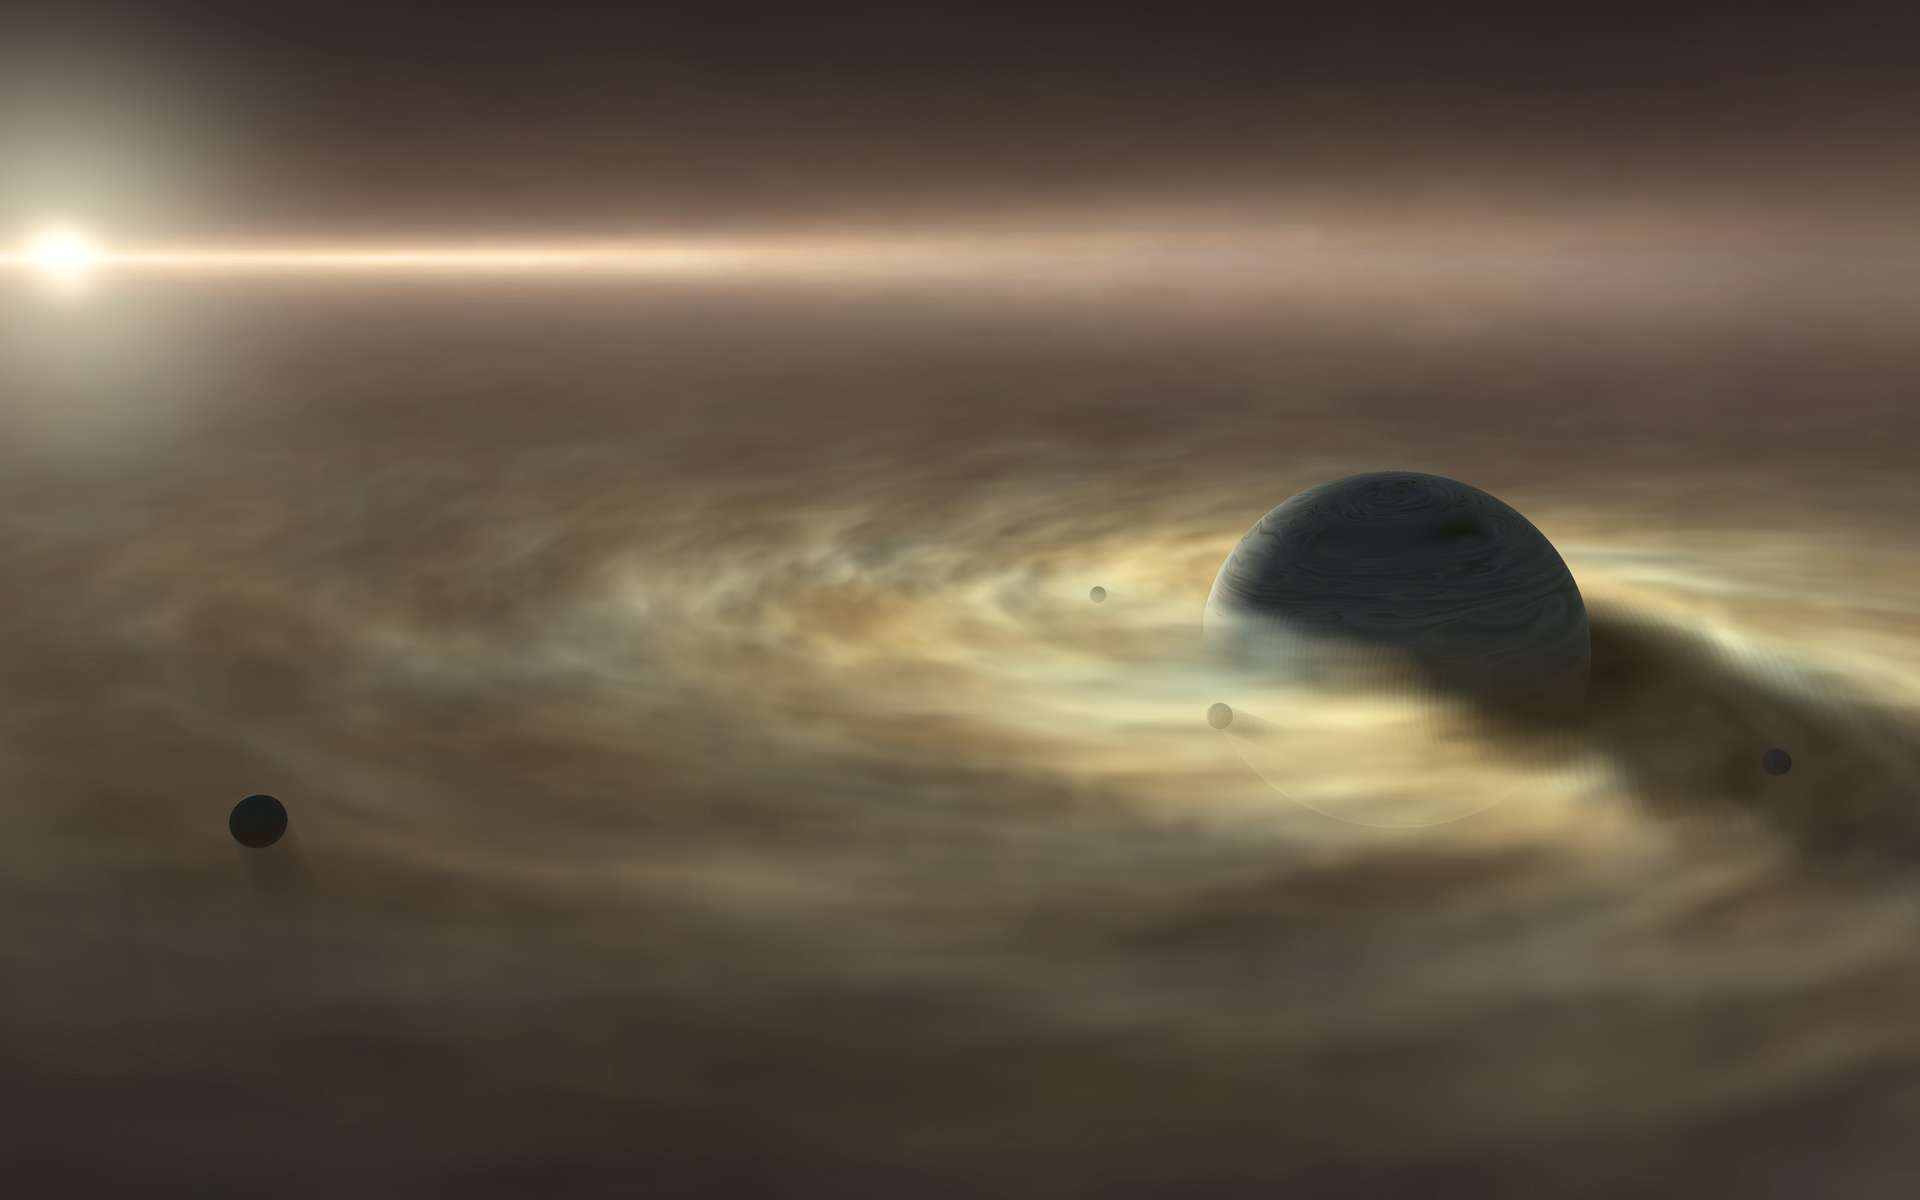 Vue d'artiste de satellites se formant autour d'une planète gazeuse géante. © Nagoya University